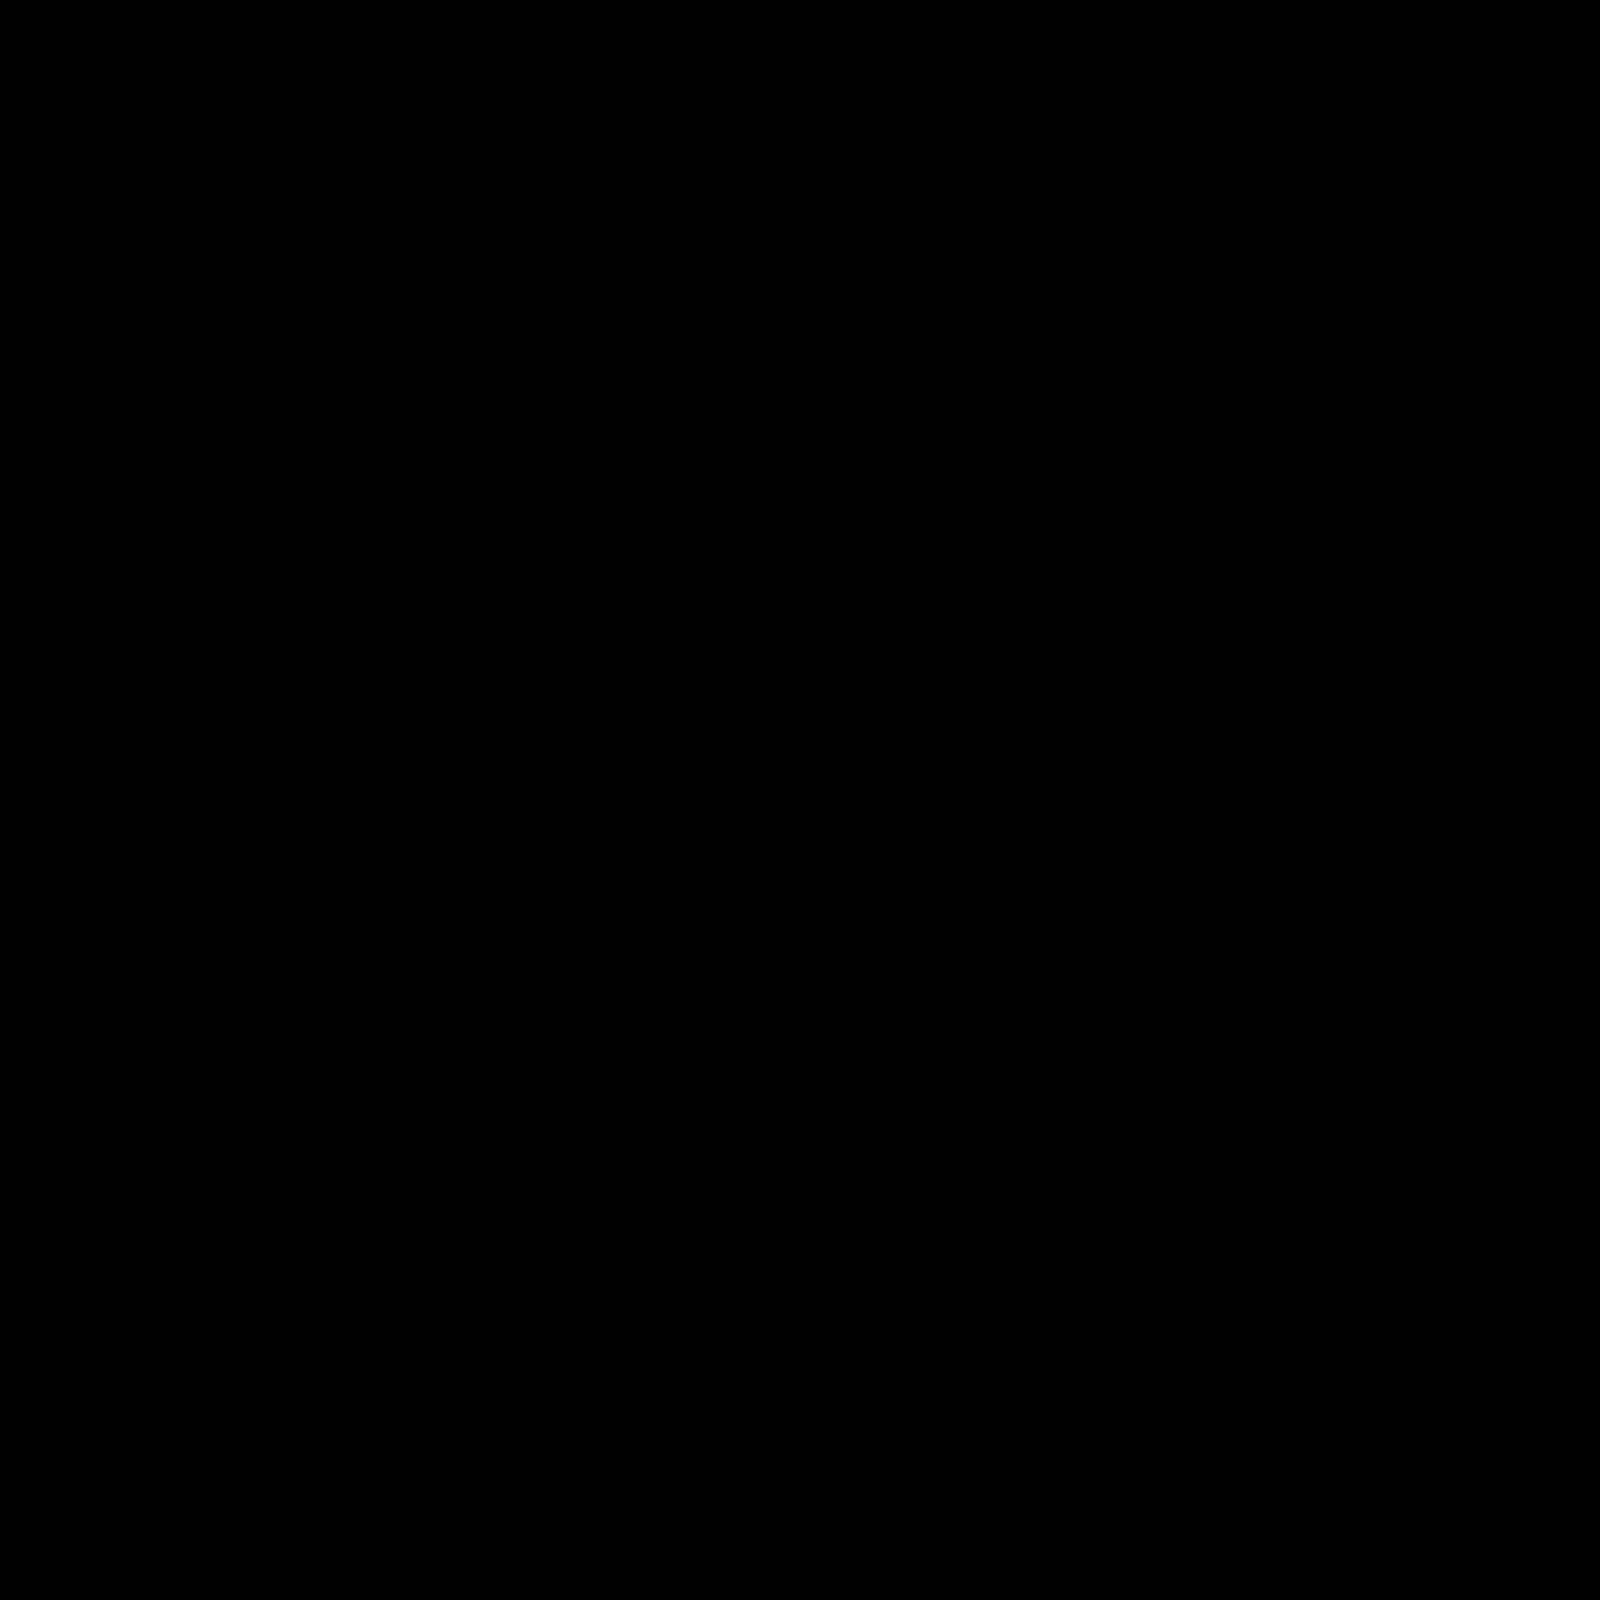 Пронация стопы icon